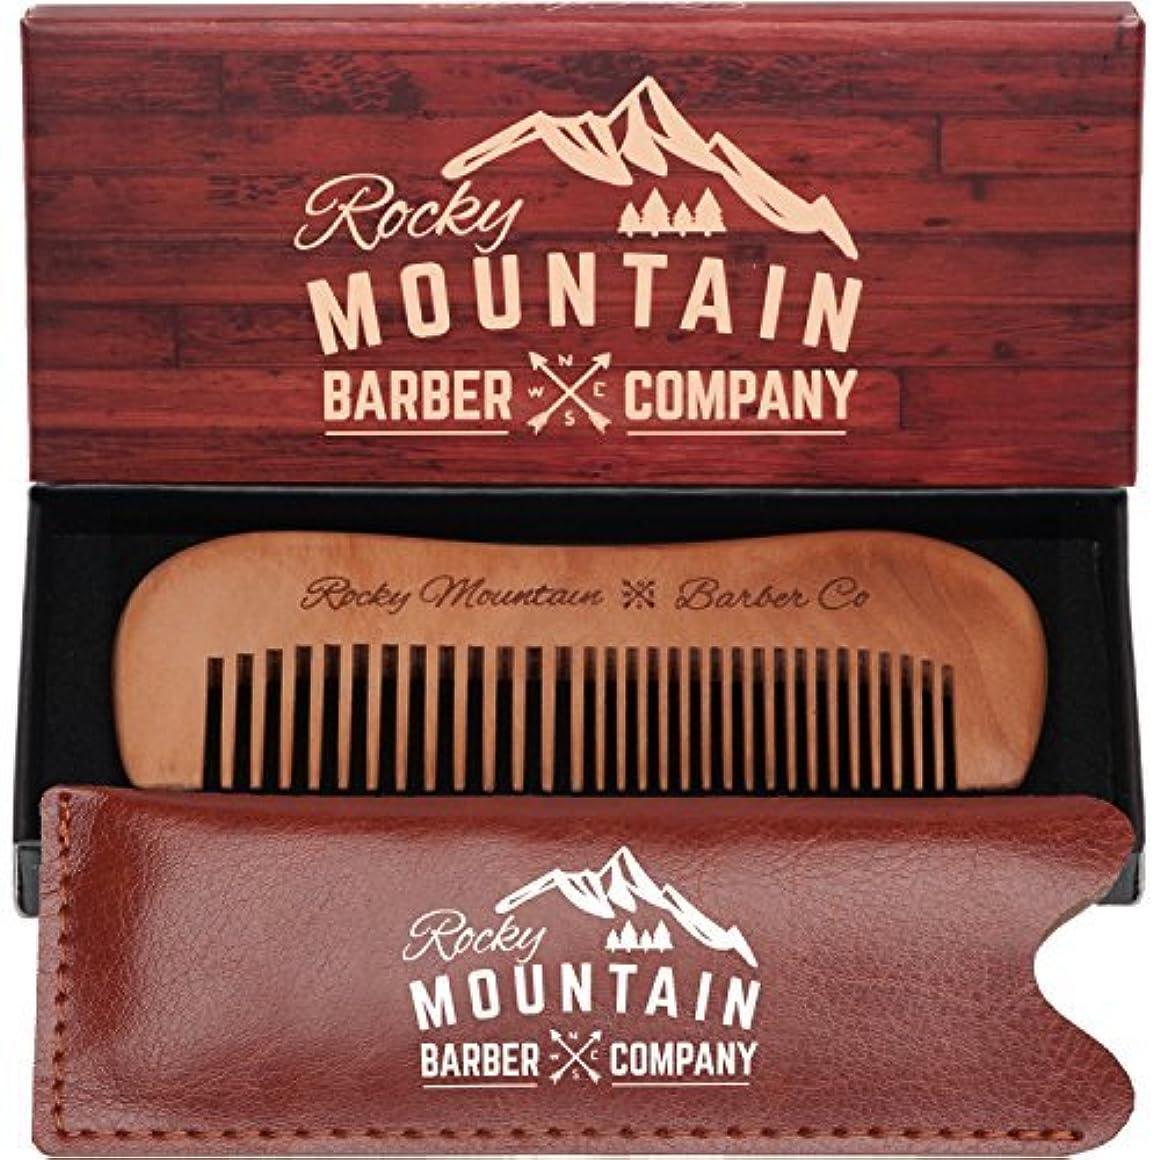 作動するコイルレオナルドダTravel Hair Comb - Travel Size Comb with Fine and Medium Tooth for Mustache, Beard and Hair With Pocket Carrying...